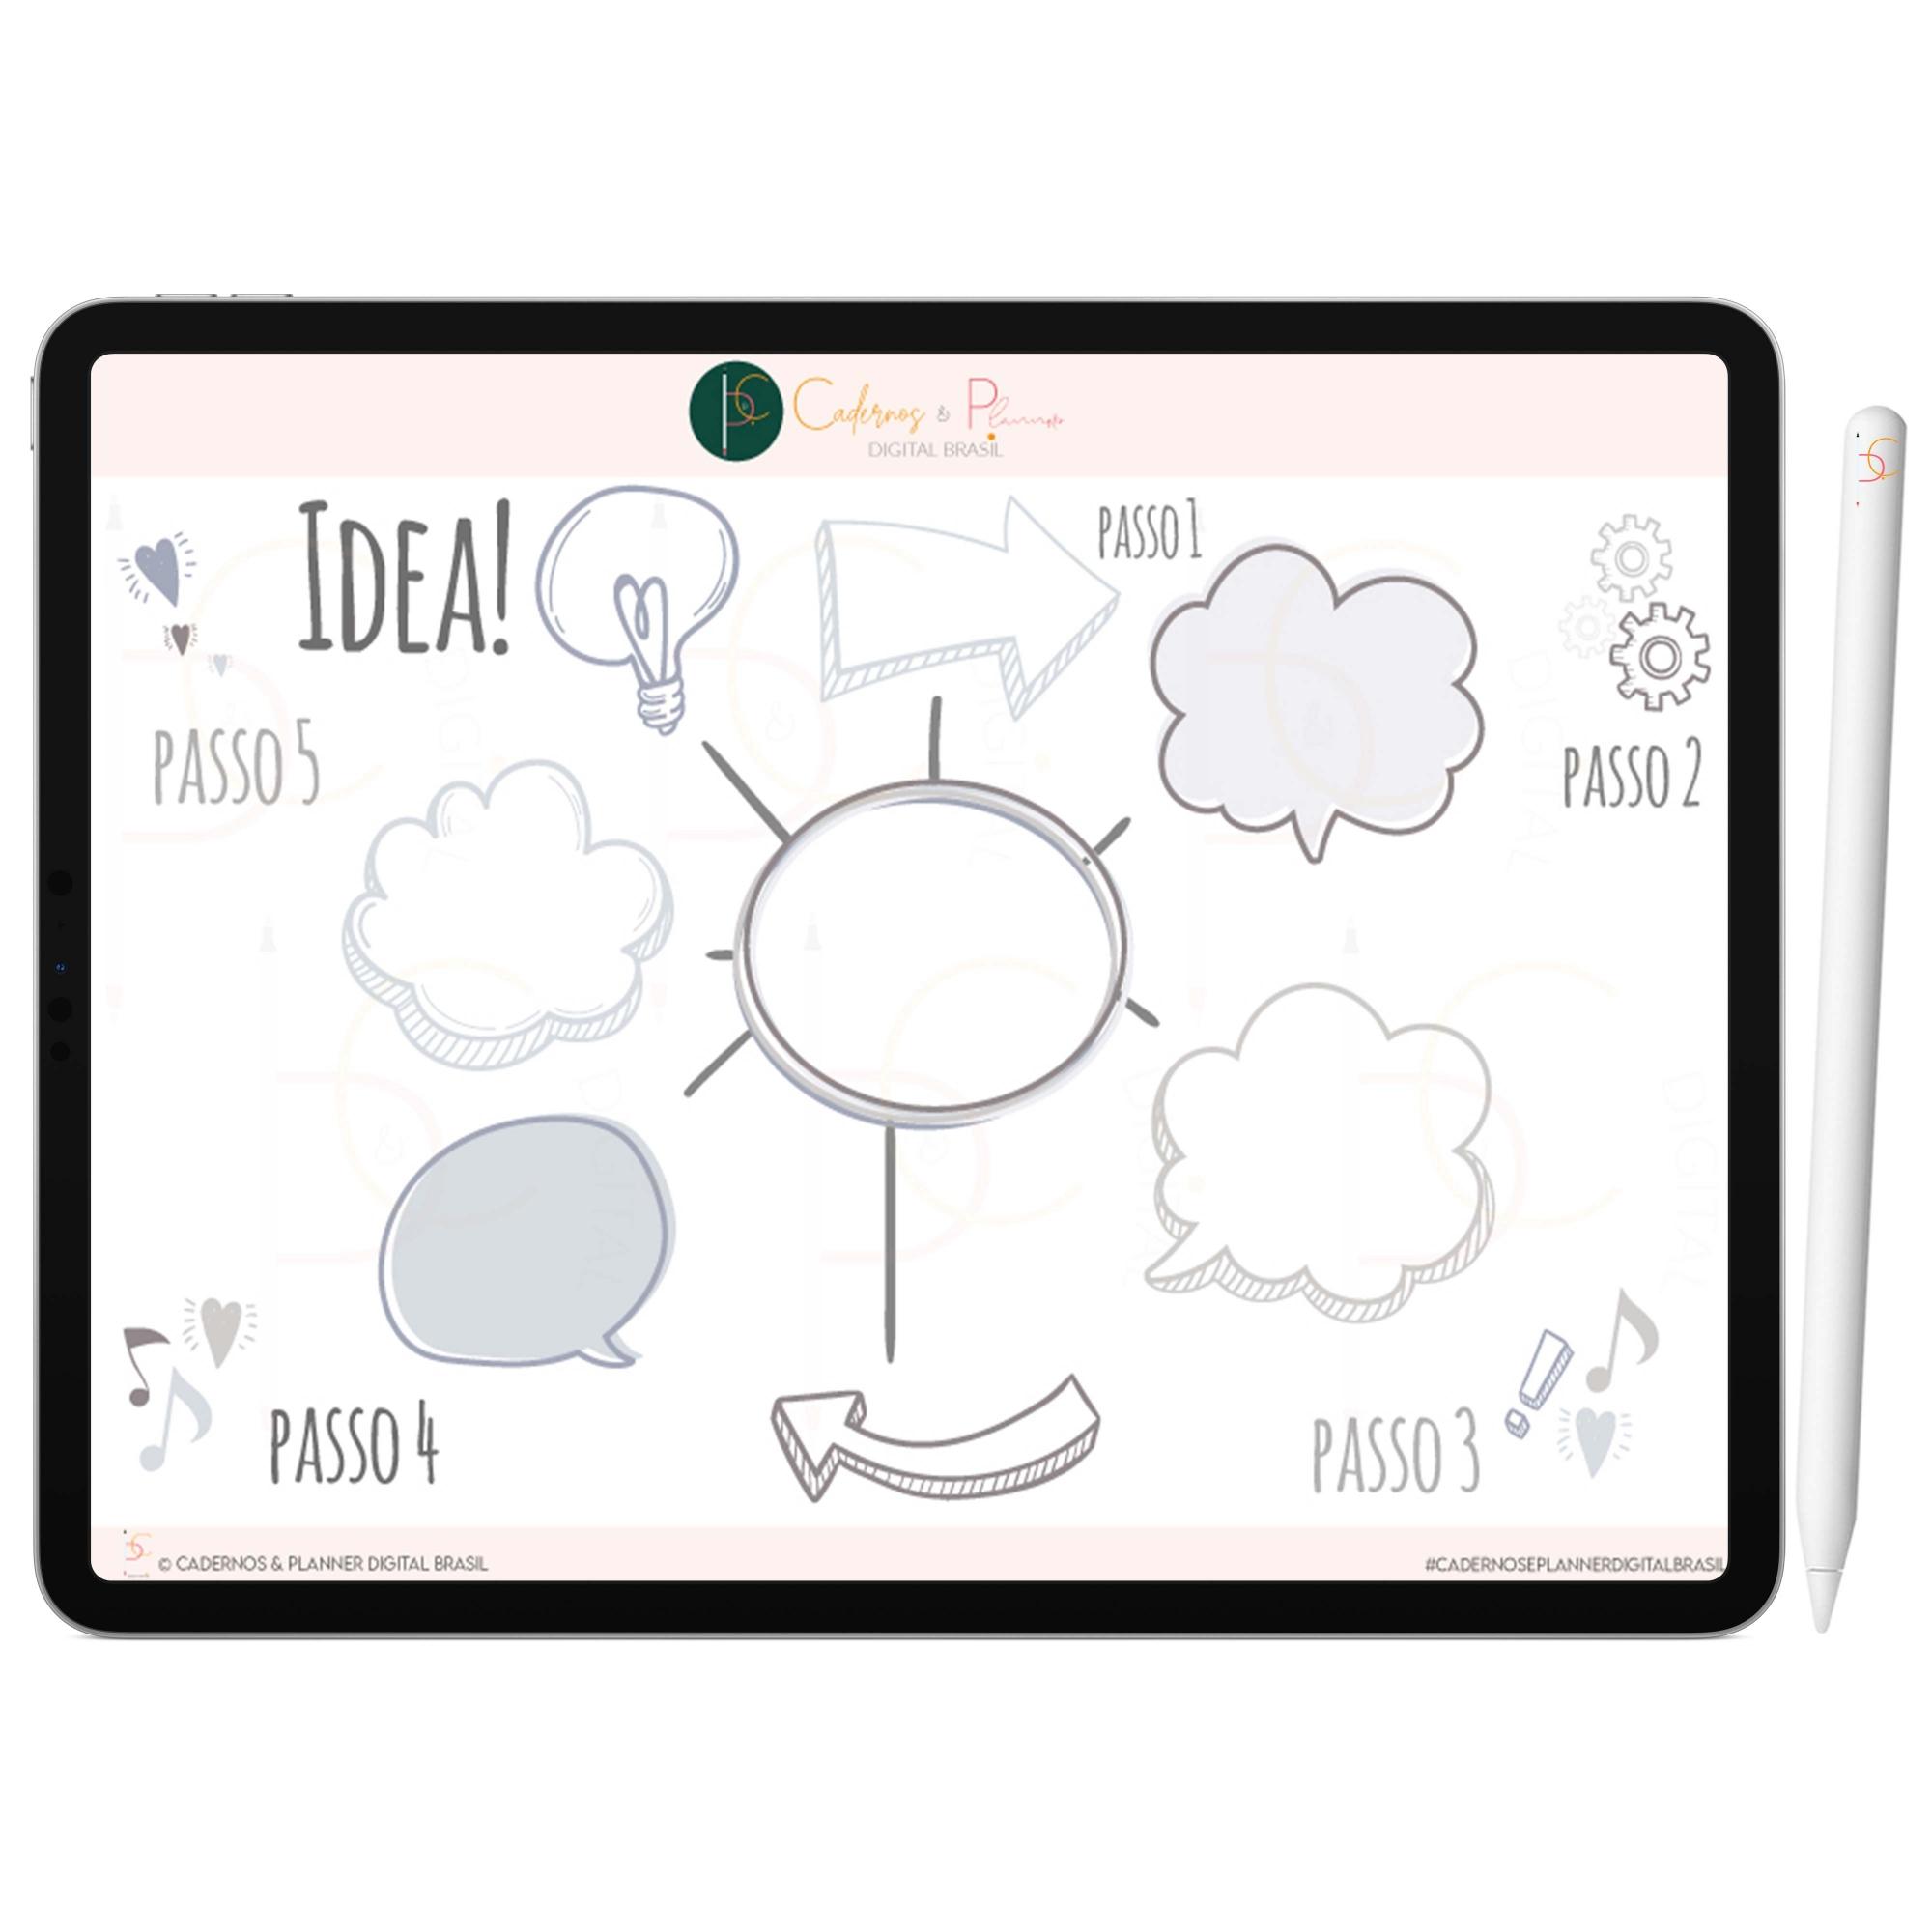 Adesivos Digital de Mapa Mental | Céu Noturno 5 Tons de Cinza | iPad Tablet | Download Instantâneo